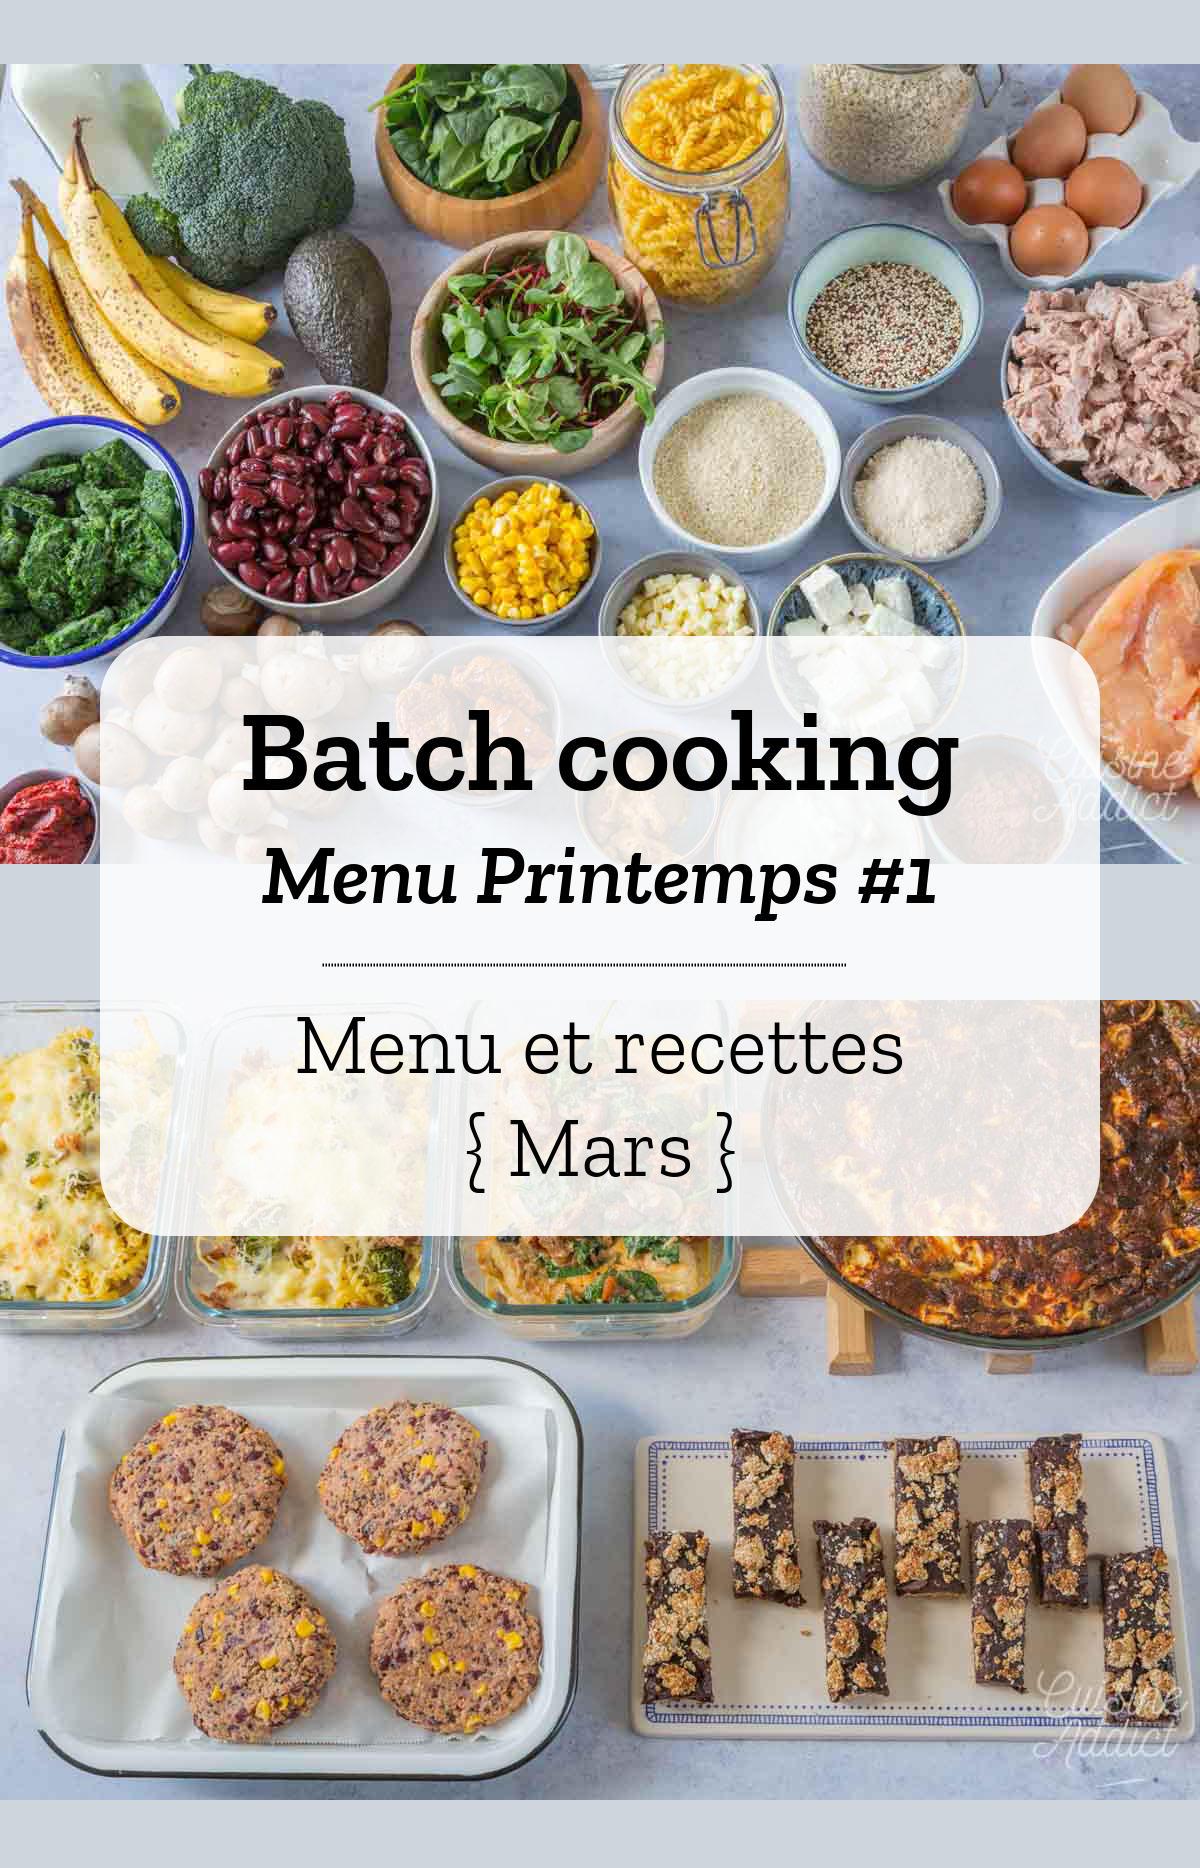 Batch cooking Printemps #1 - Mois de Mars - Semaine 13